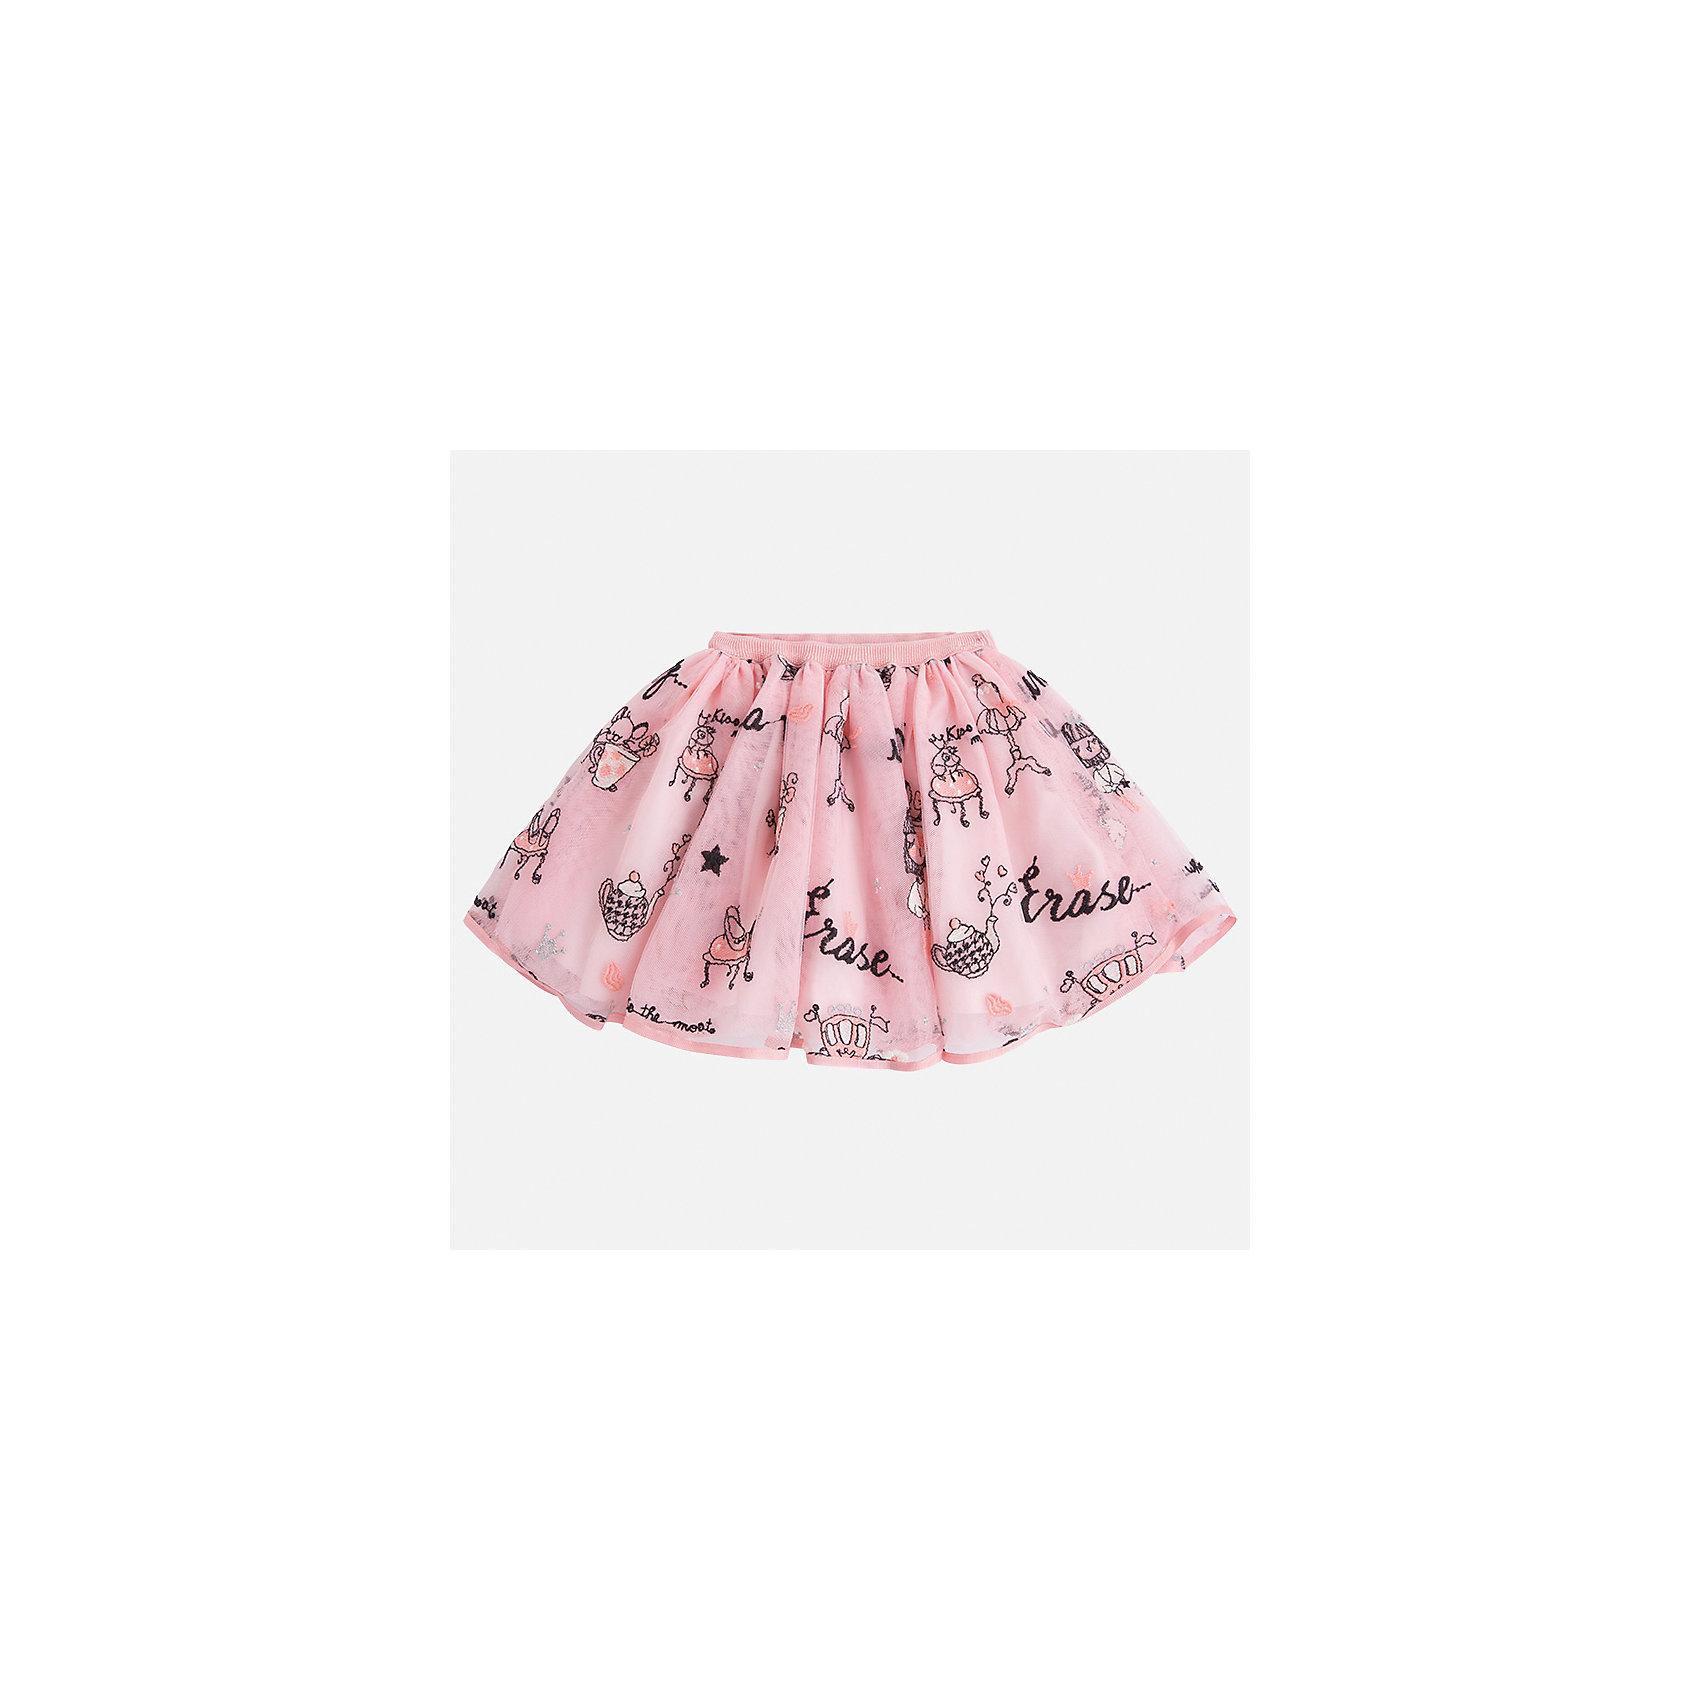 Юбка Mayoral для девочкиЮбки<br>Характеристики товара:<br><br>• цвет: розовый<br>• состав ткани: 100% полиэстер, подклад - 60% хлопок, 40% полиэстер<br>• сезон: круглый год<br>• пояс: резинка<br>• страна бренда: Испания<br>• страна изготовитель: Индия<br><br>Такая юбка отличается ажурным пышным силуэтом. Детская юбка от бренда Майорал поможет девочке выглядеть женственно и стильно. <br><br>Детская одежда от испанской компании Mayoral отличаются оригинальным и всегда стильным дизайном. Качество продукции неизменно очень высокое.<br><br>Юбку для девочки Mayoral (Майорал) можно купить в нашем интернет-магазине.<br><br>Ширина мм: 207<br>Глубина мм: 10<br>Высота мм: 189<br>Вес г: 183<br>Цвет: розовый<br>Возраст от месяцев: 18<br>Возраст до месяцев: 24<br>Пол: Женский<br>Возраст: Детский<br>Размер: 92,134,128,122,116,110,104,98<br>SKU: 6923040